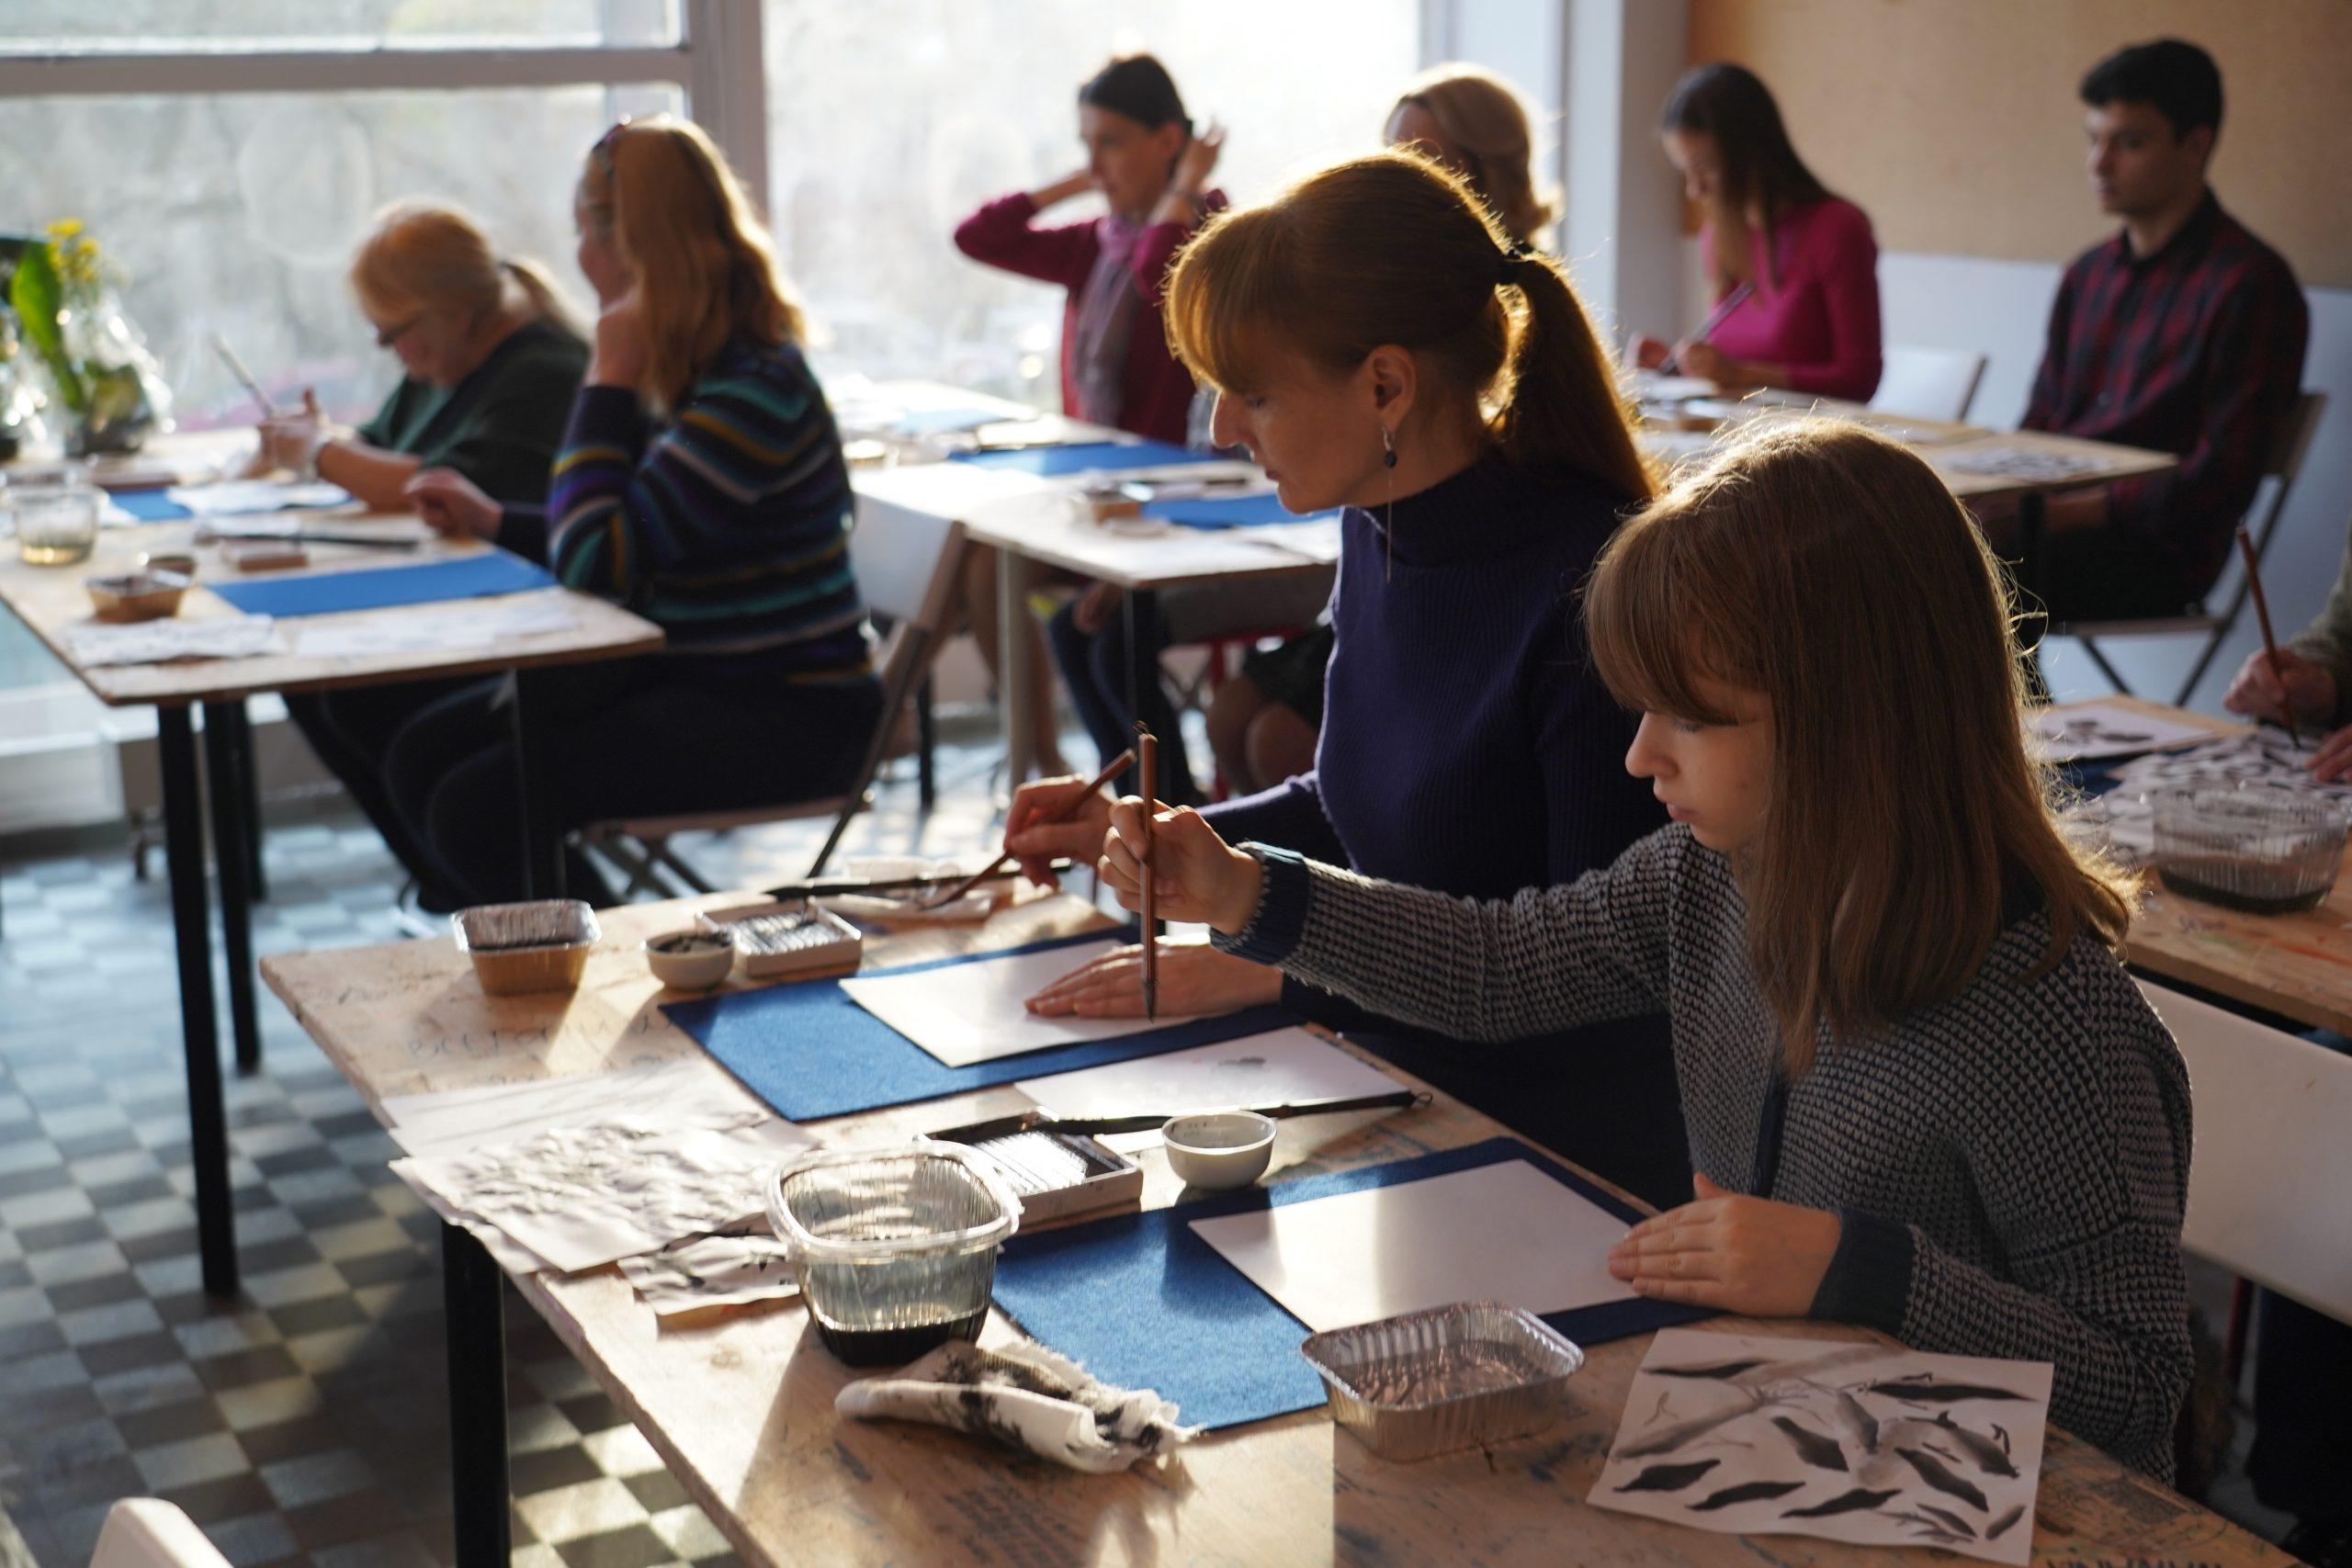 Мастер-класс по созданию головного убора проведут сотрудники Культурного центра «Ватутинки» в Десеновском